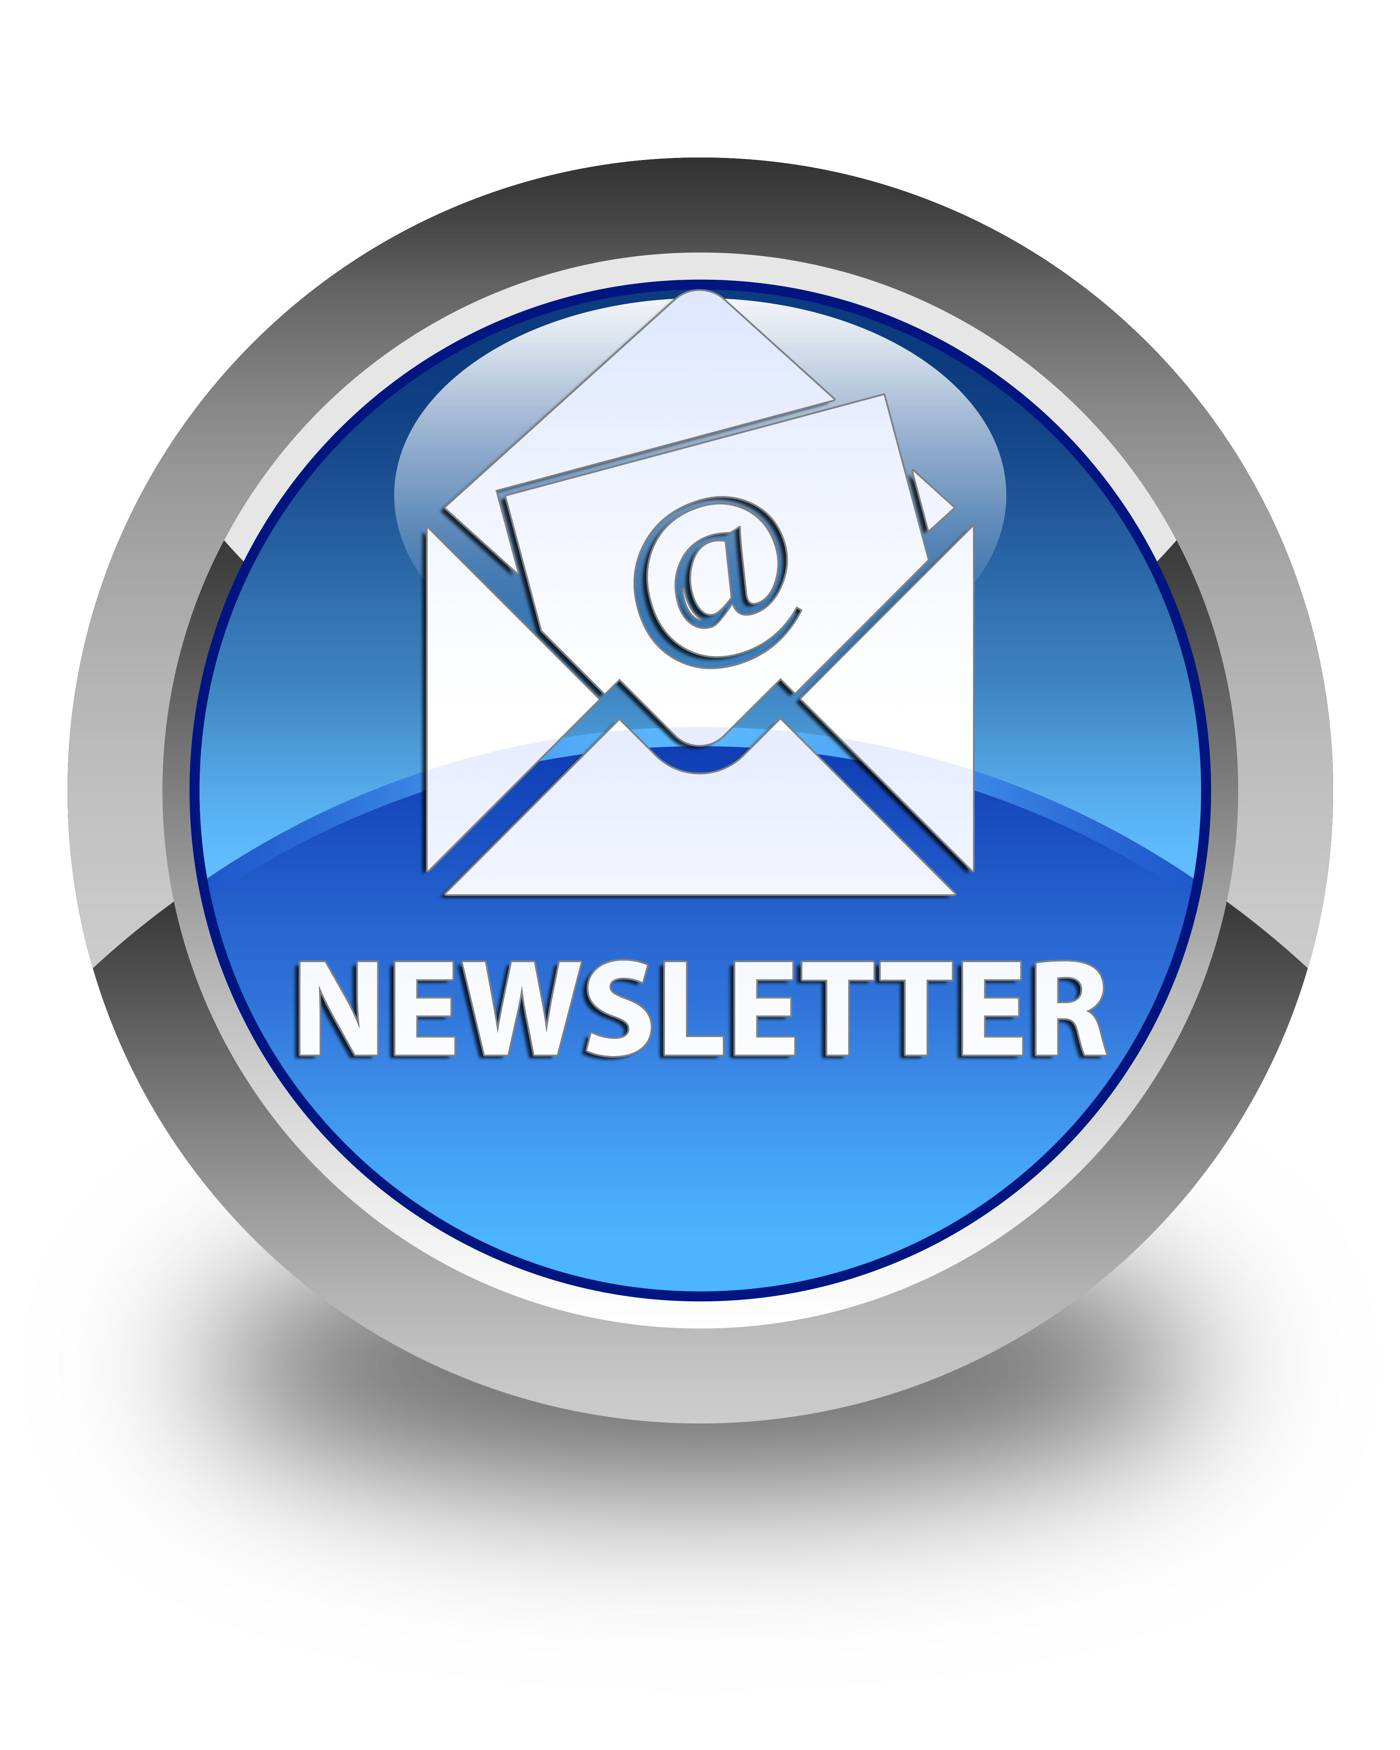 newsletter 128906740 k